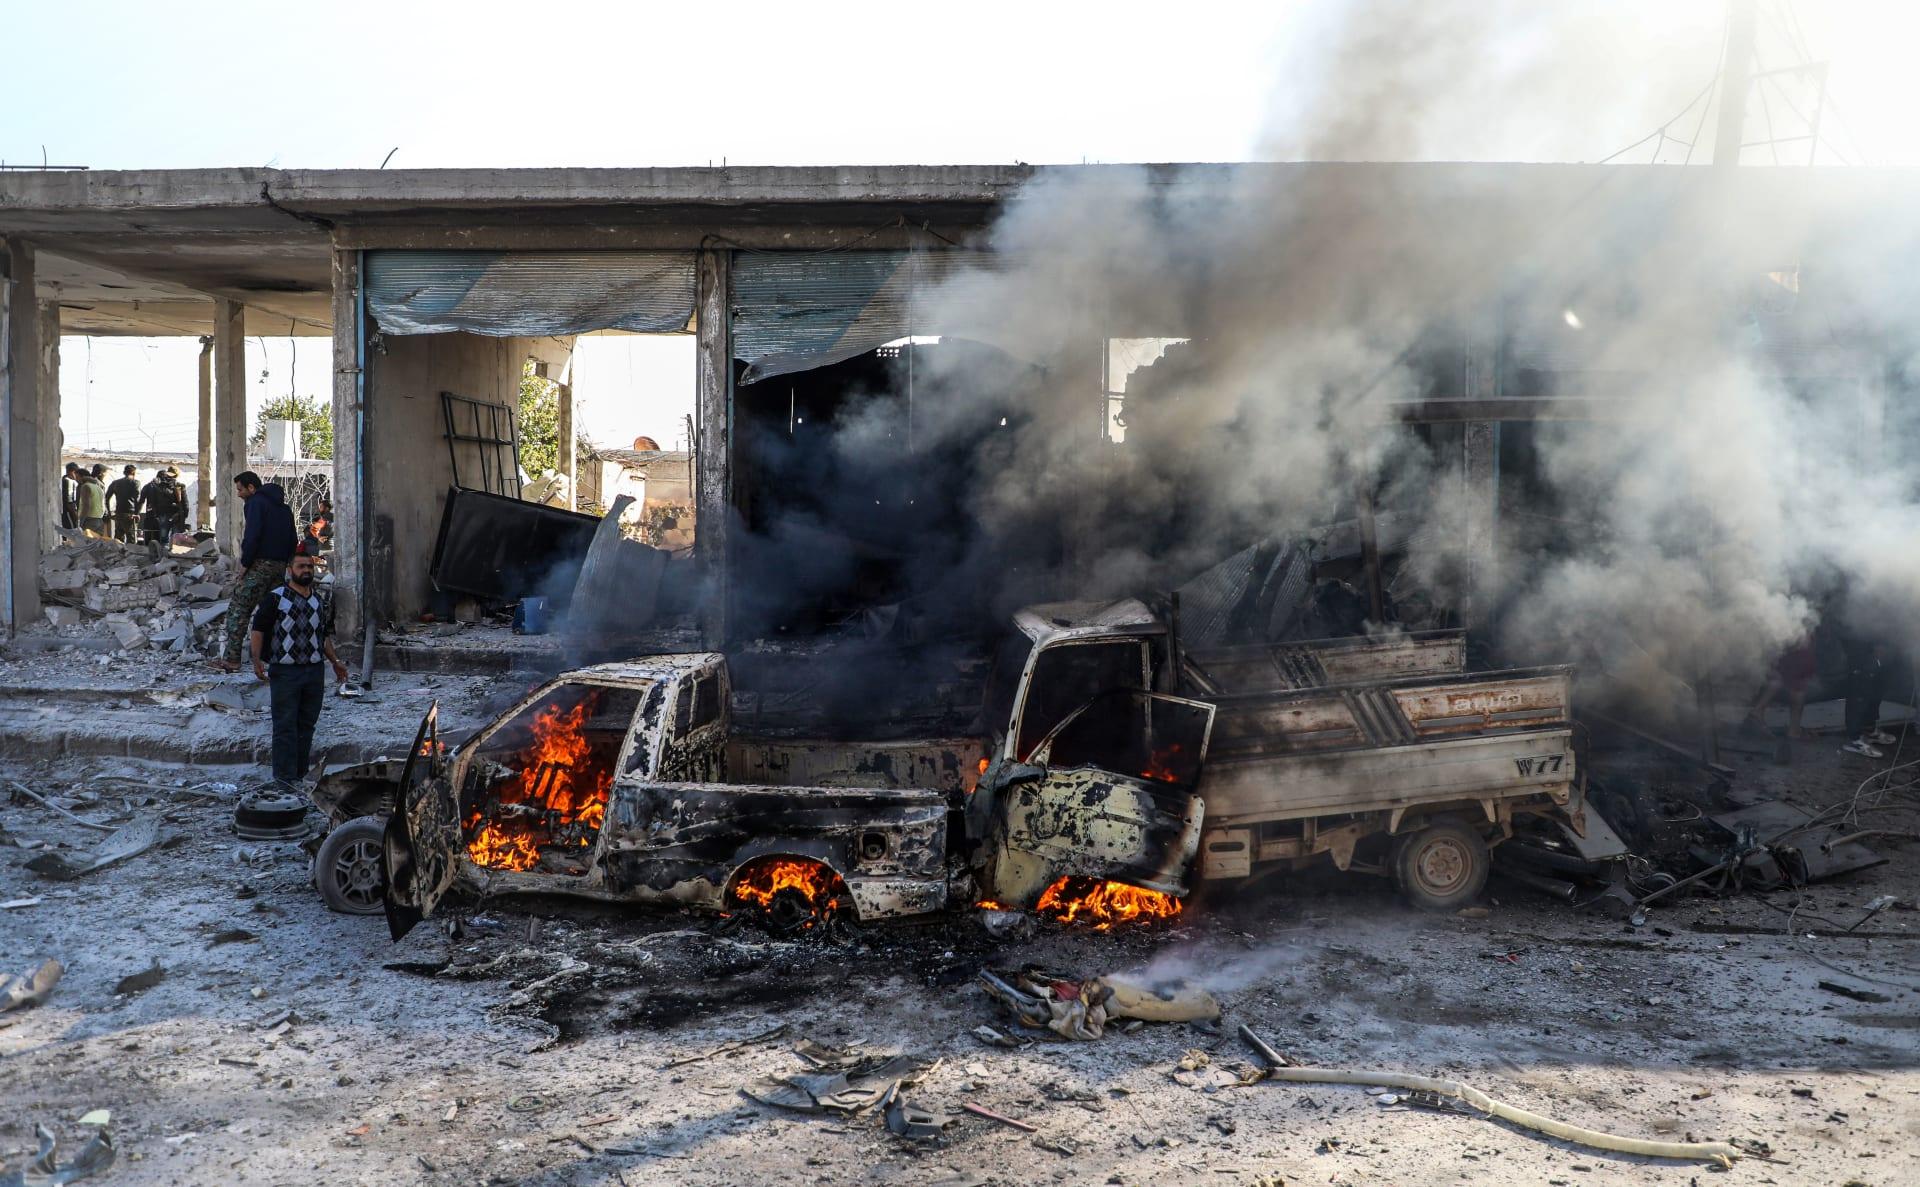 انفجار سيارة مفخخة في منطقة تل الأبيض في شمال شرق سوريا